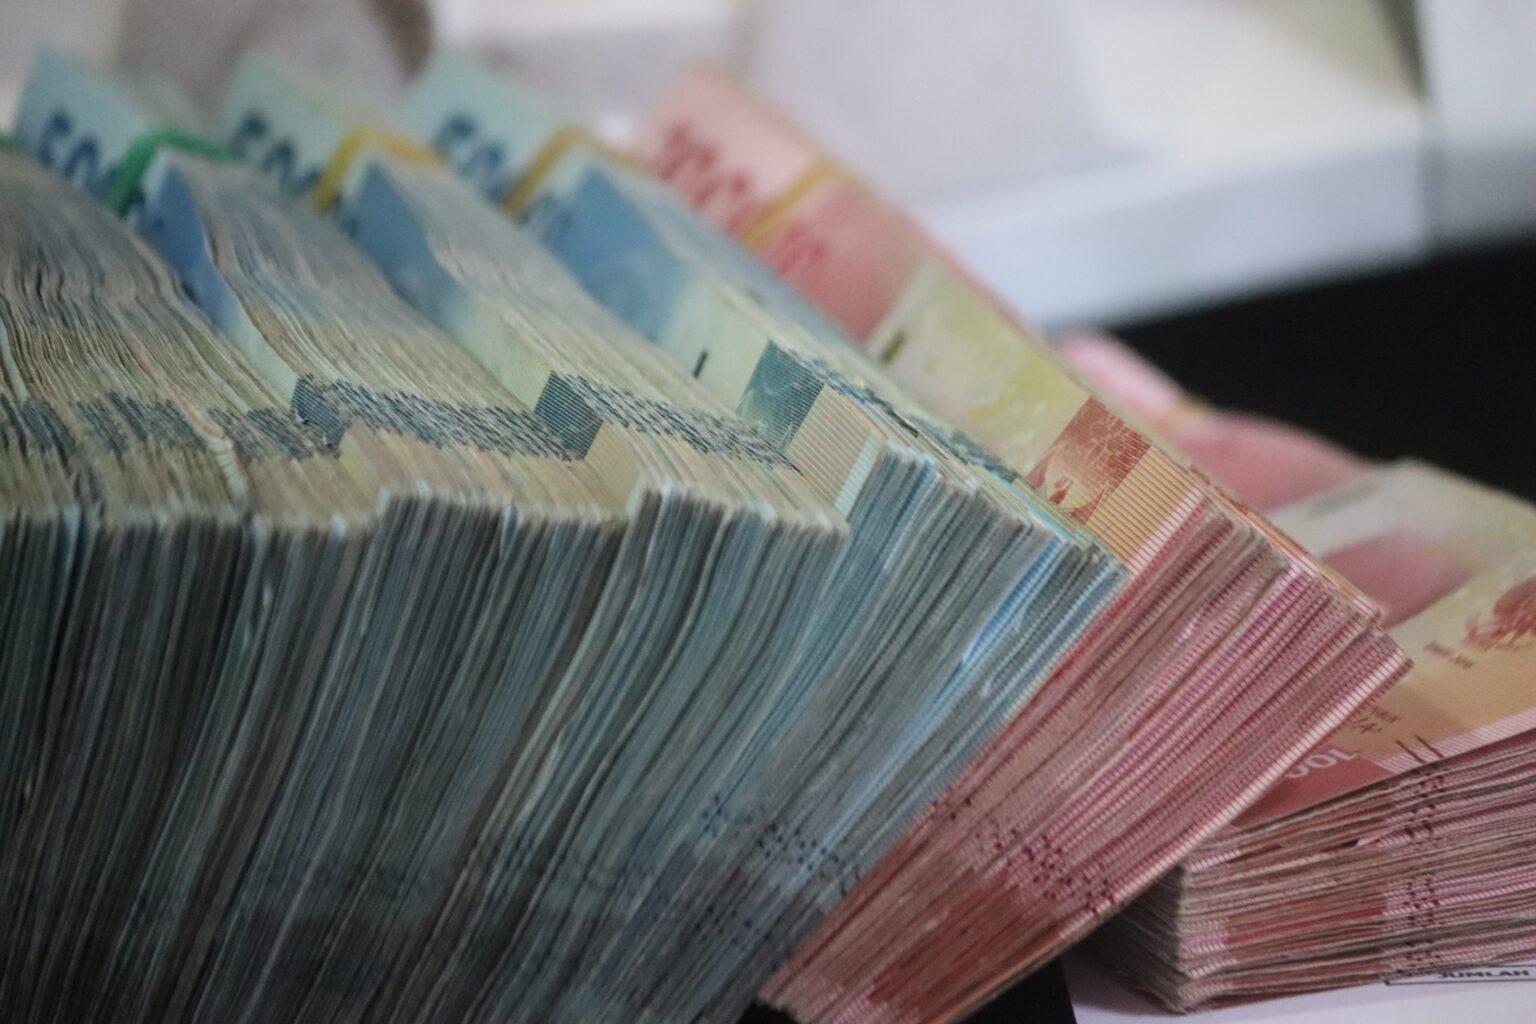 Konwojowanie wartości pieniężnych